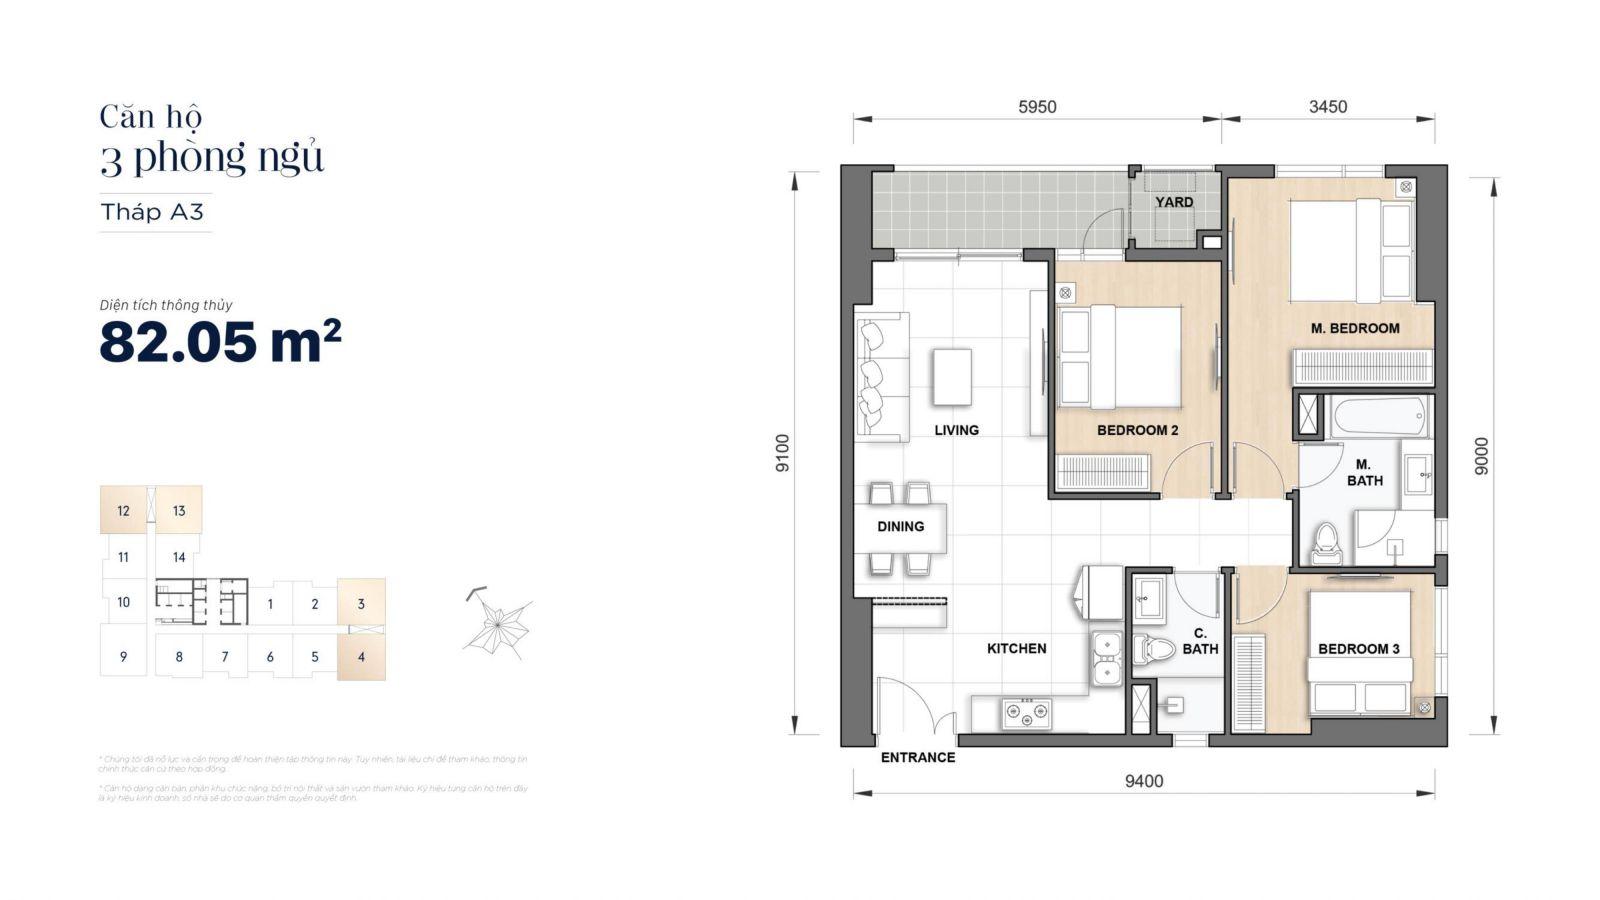 layout căn 3 phòng manhattan quận 1